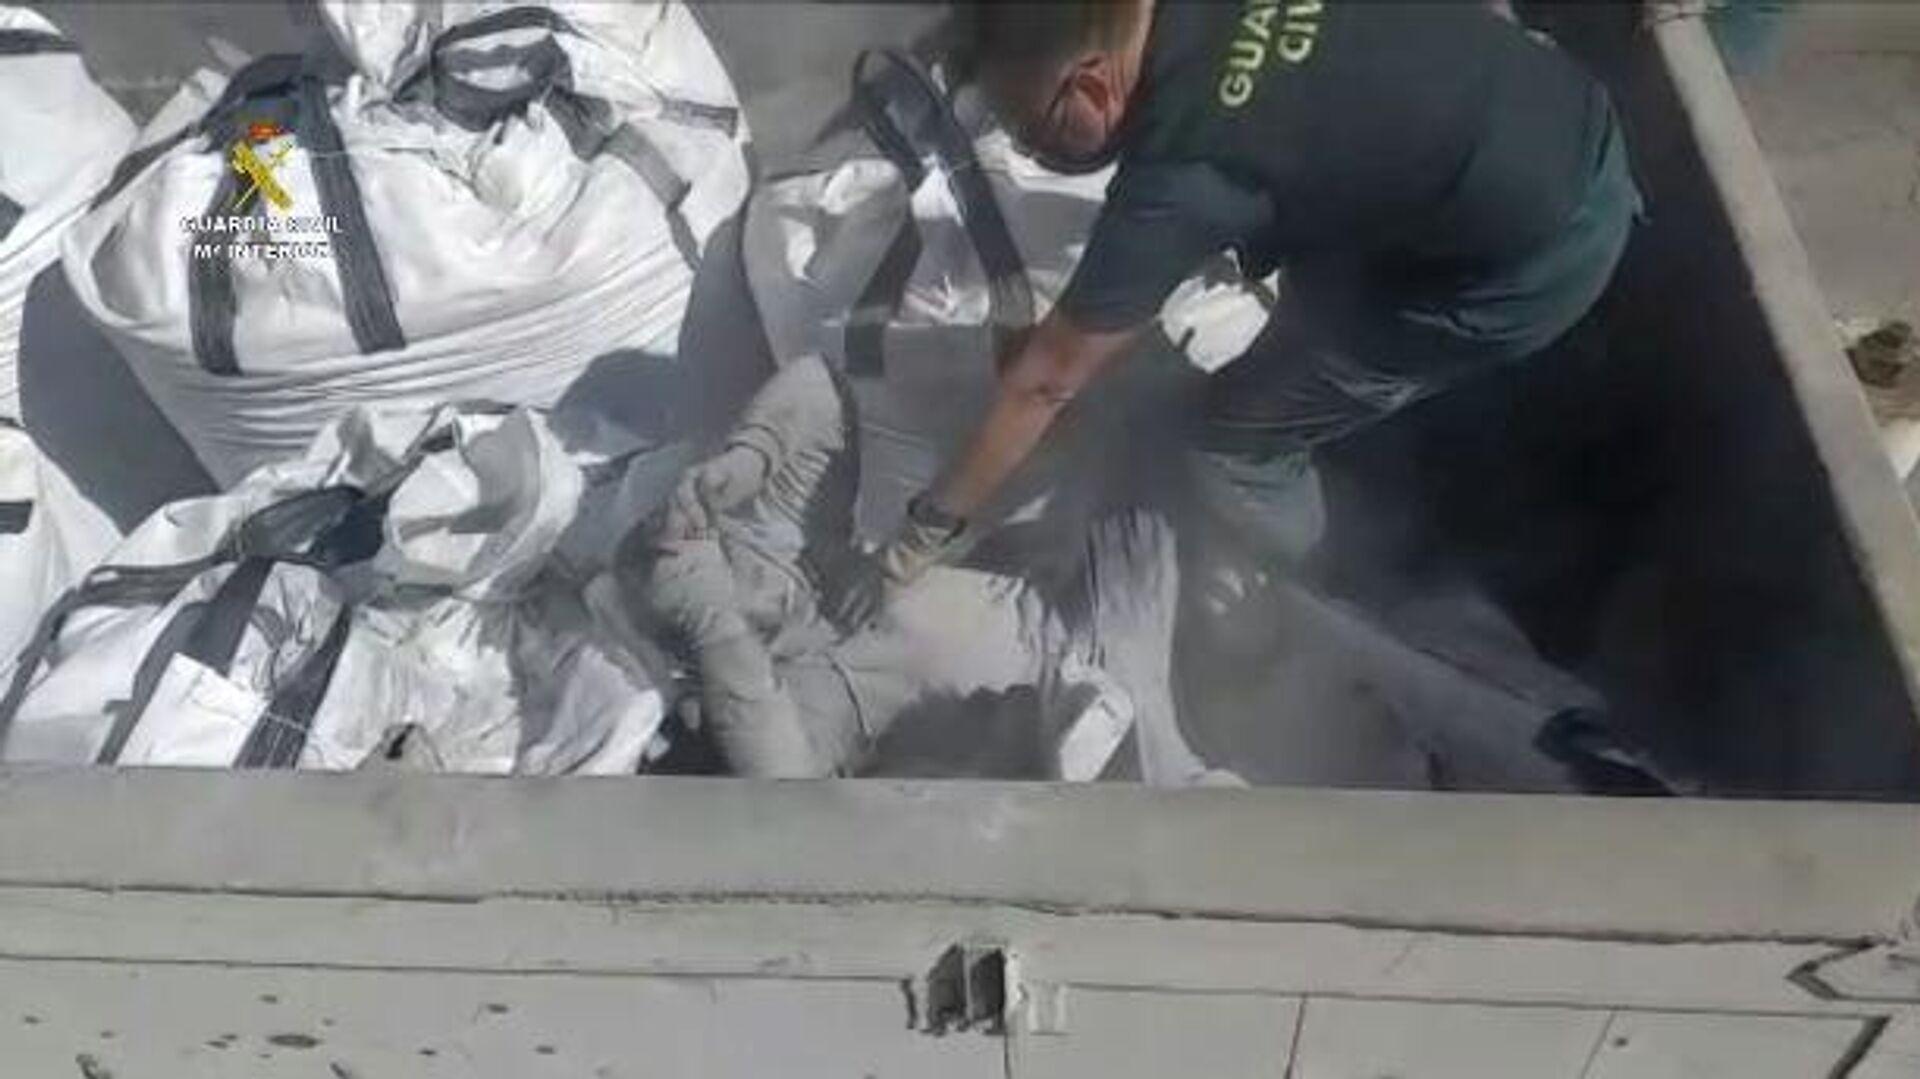 Rescate de un inmigrante enterrado en sacos de cenizas tóxicas en Melilla - Sputnik Mundo, 1920, 22.02.2021